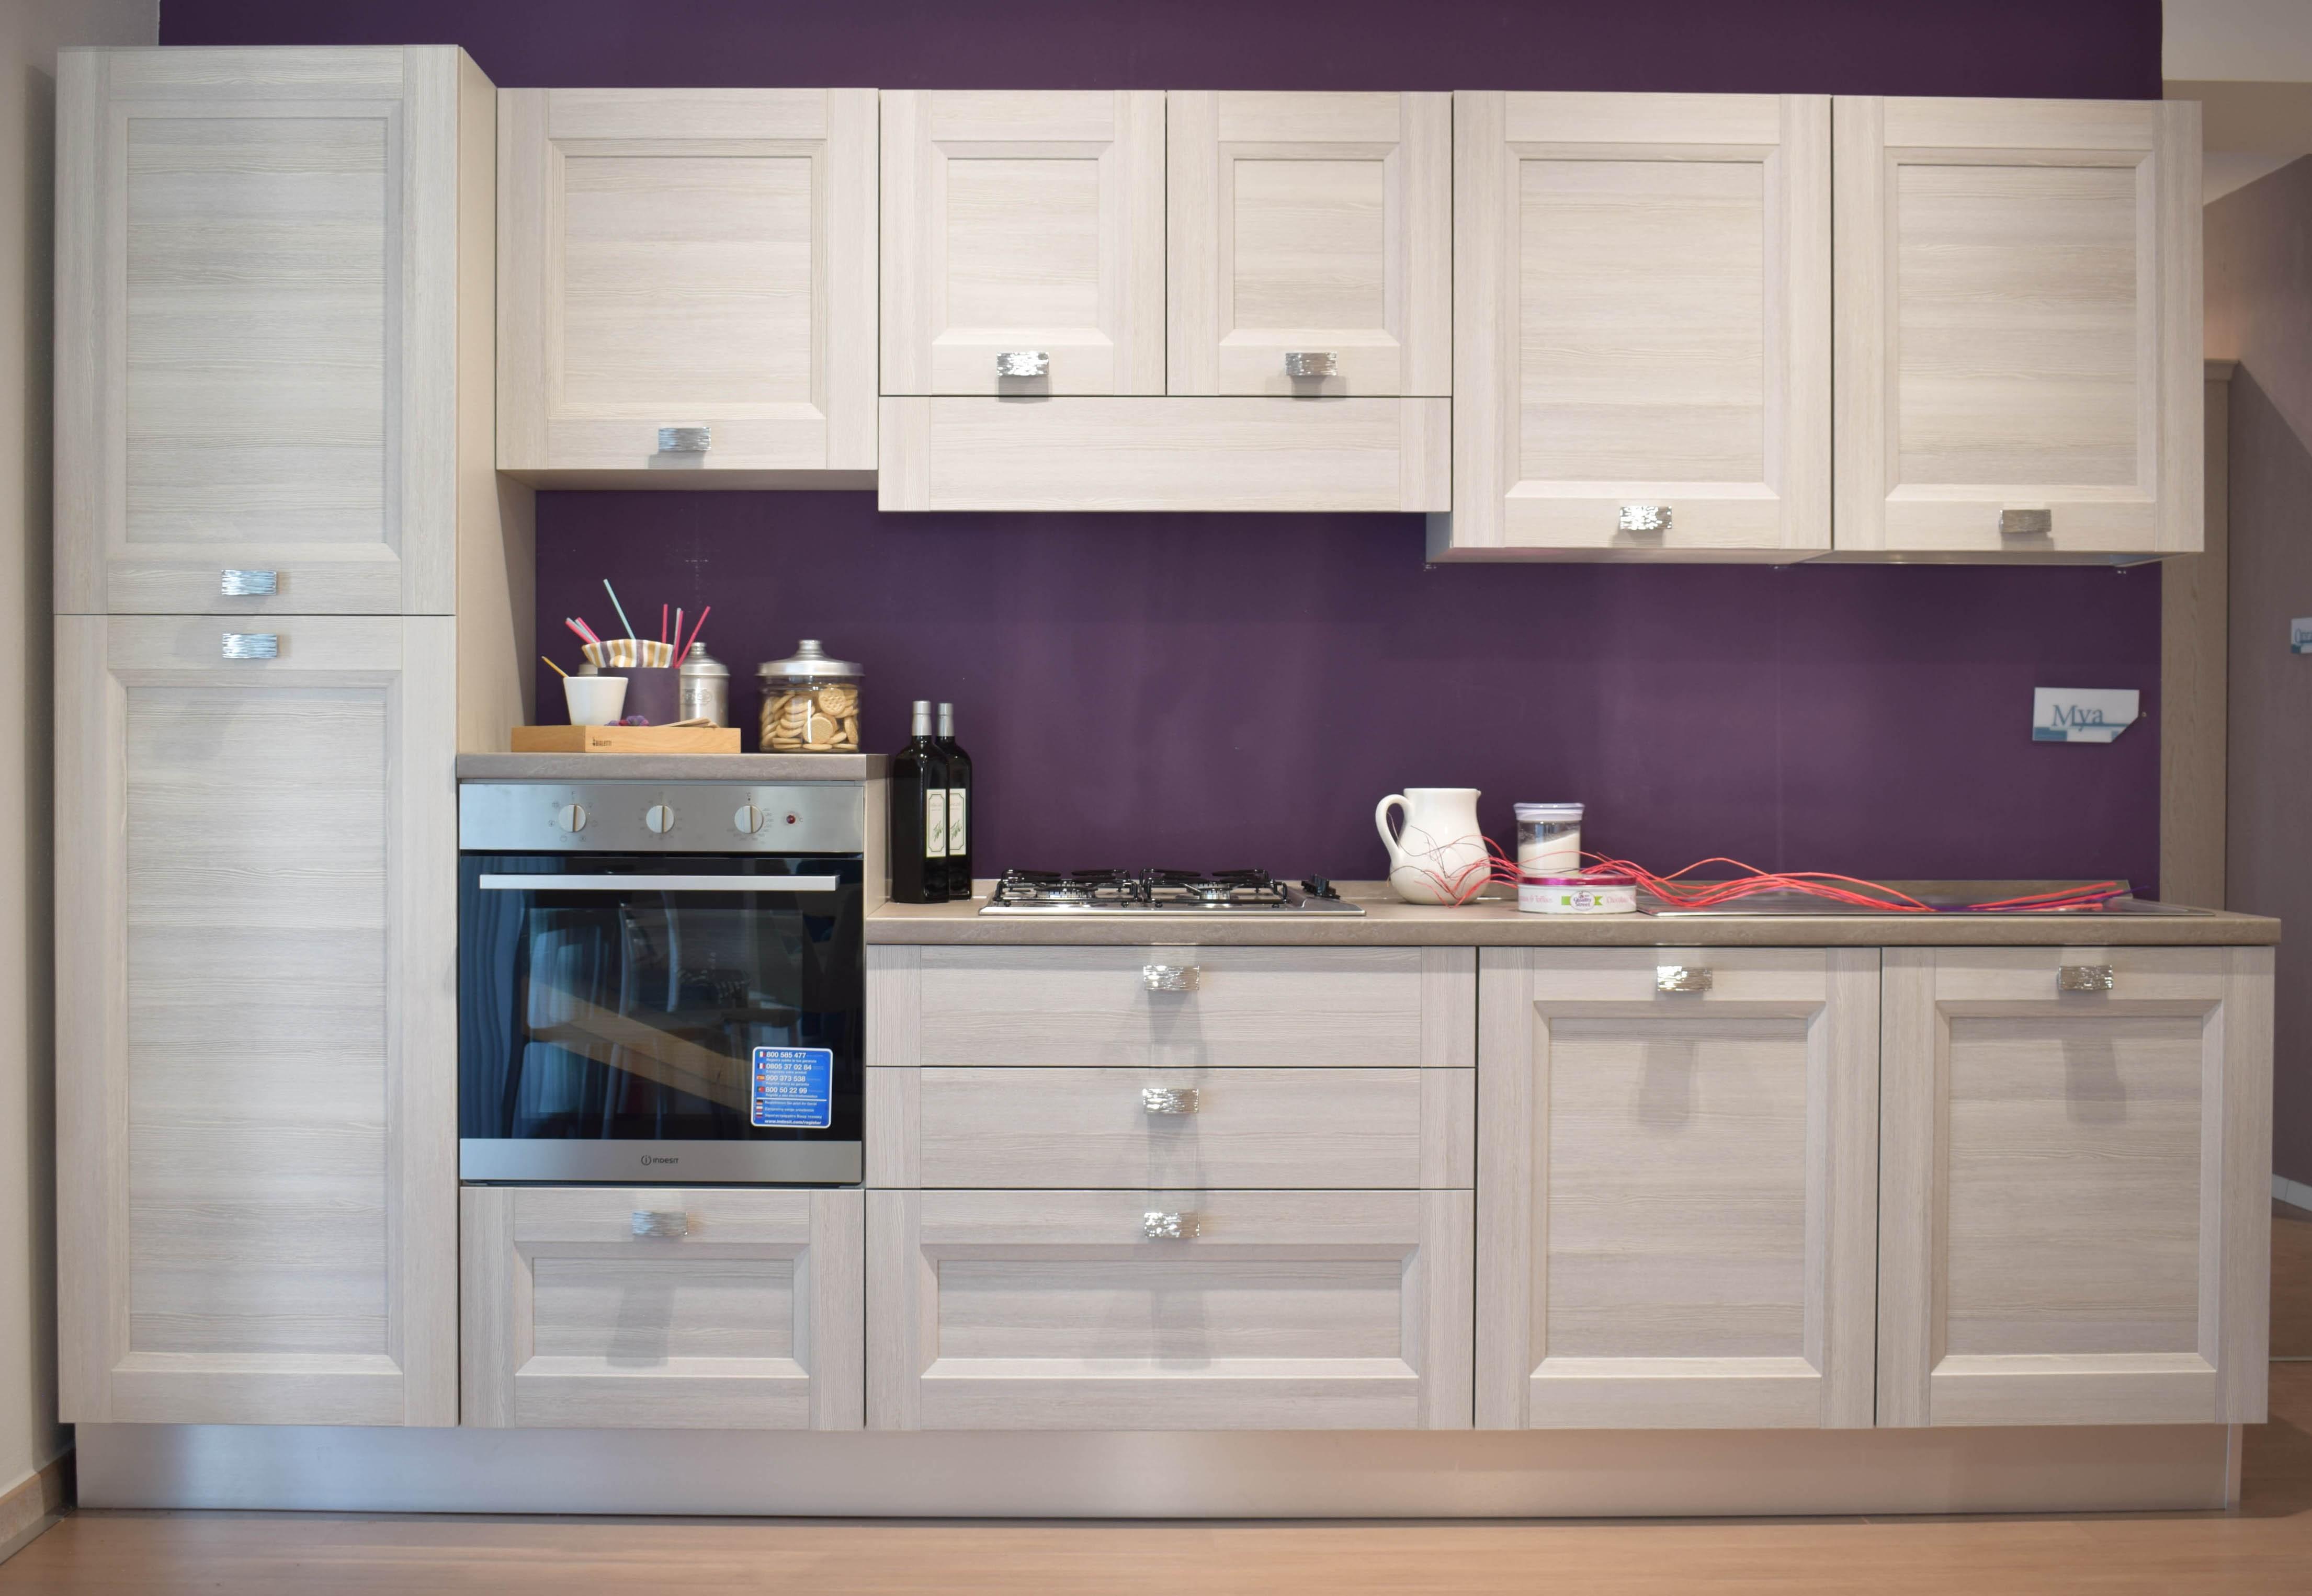 cucina componibile mya creo kitchens lube